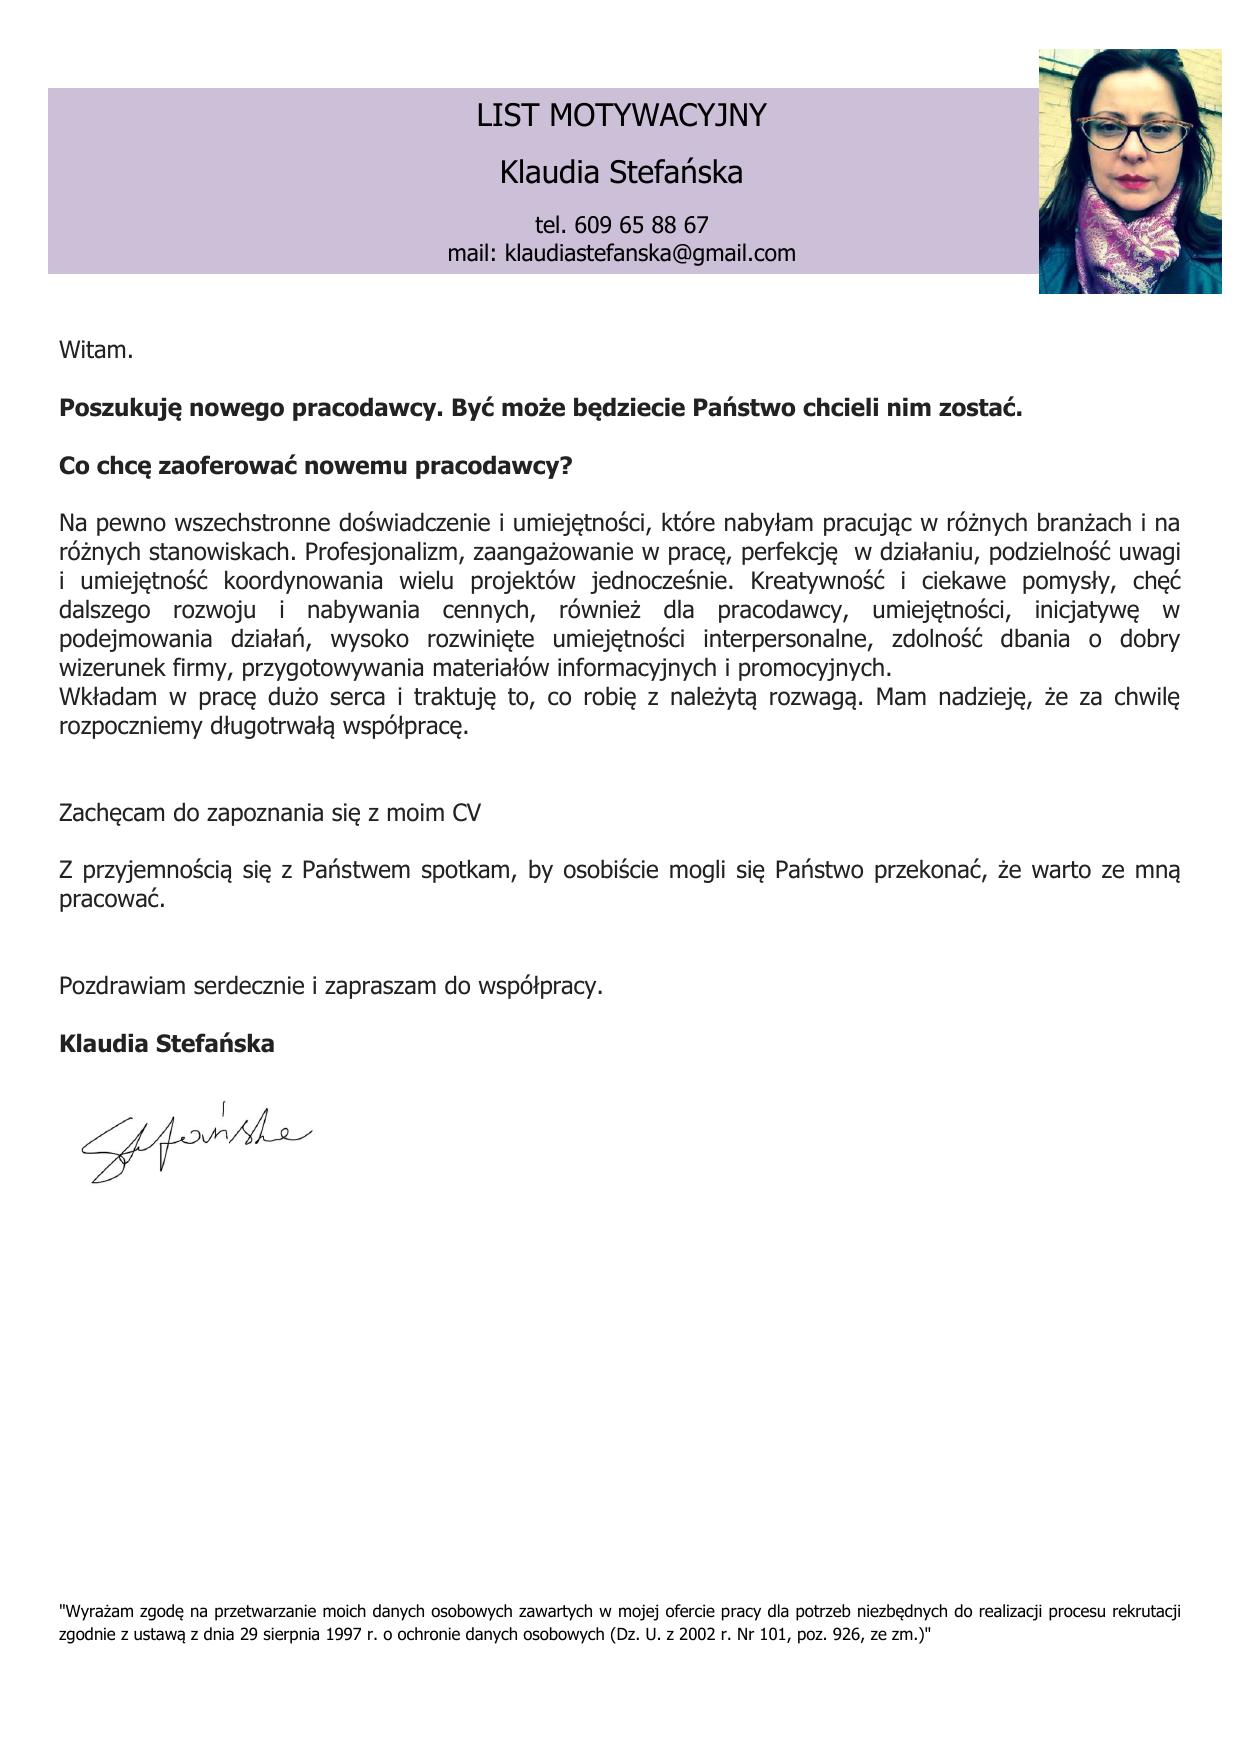 List Motywacyjny Klaudia Stefańska